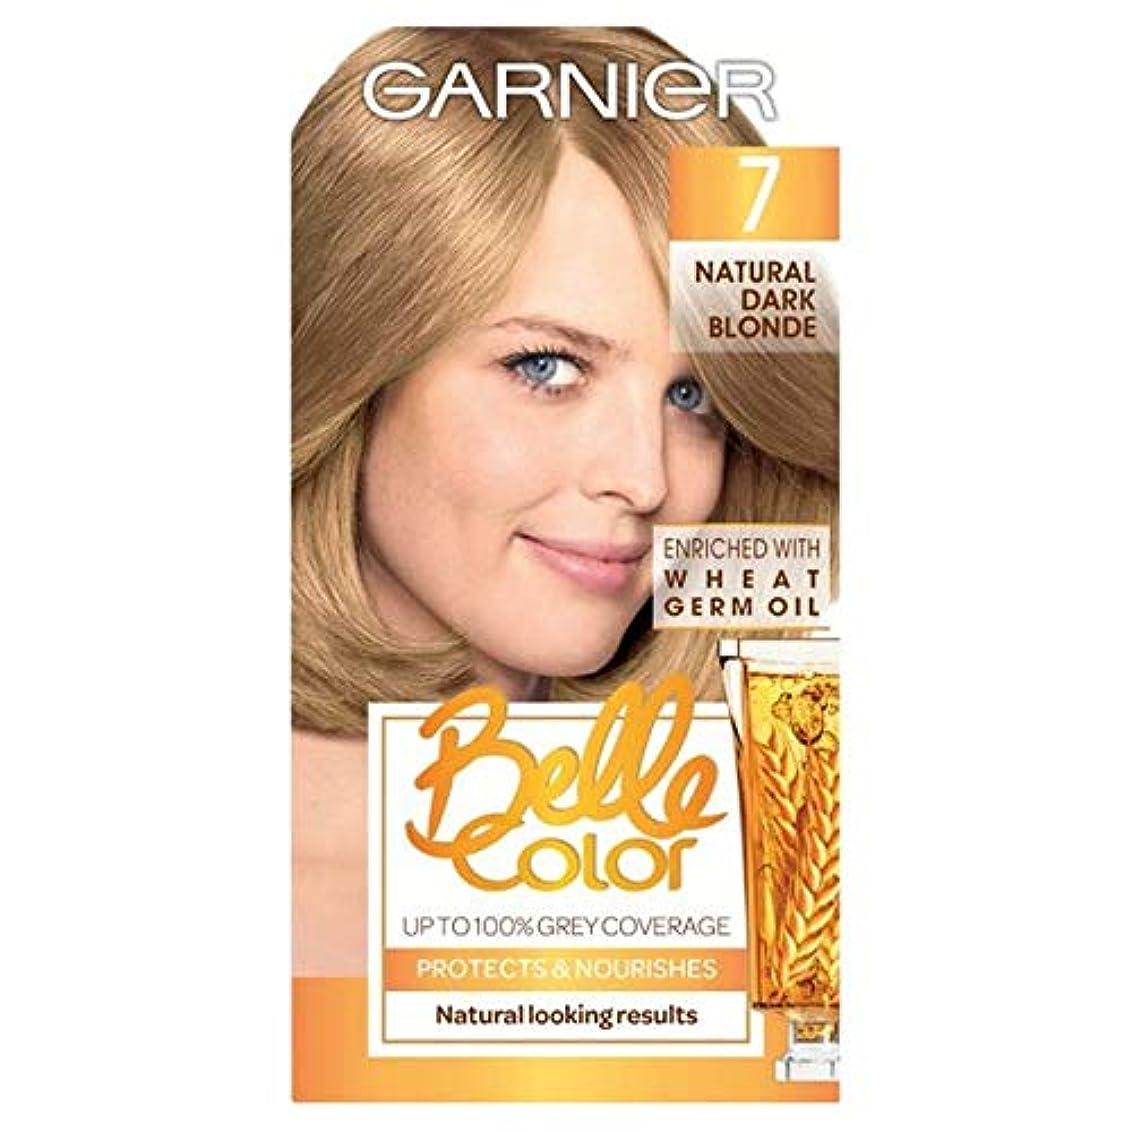 時刻表りんごほのめかす[Belle Color ] ガーン/ベル/Clr 7ナチュラルダークブロンドパーマネントヘアダイ - Garn/Bel/Clr 7 Natural Dark Blonde Permanent Hair Dye [並行輸入品]